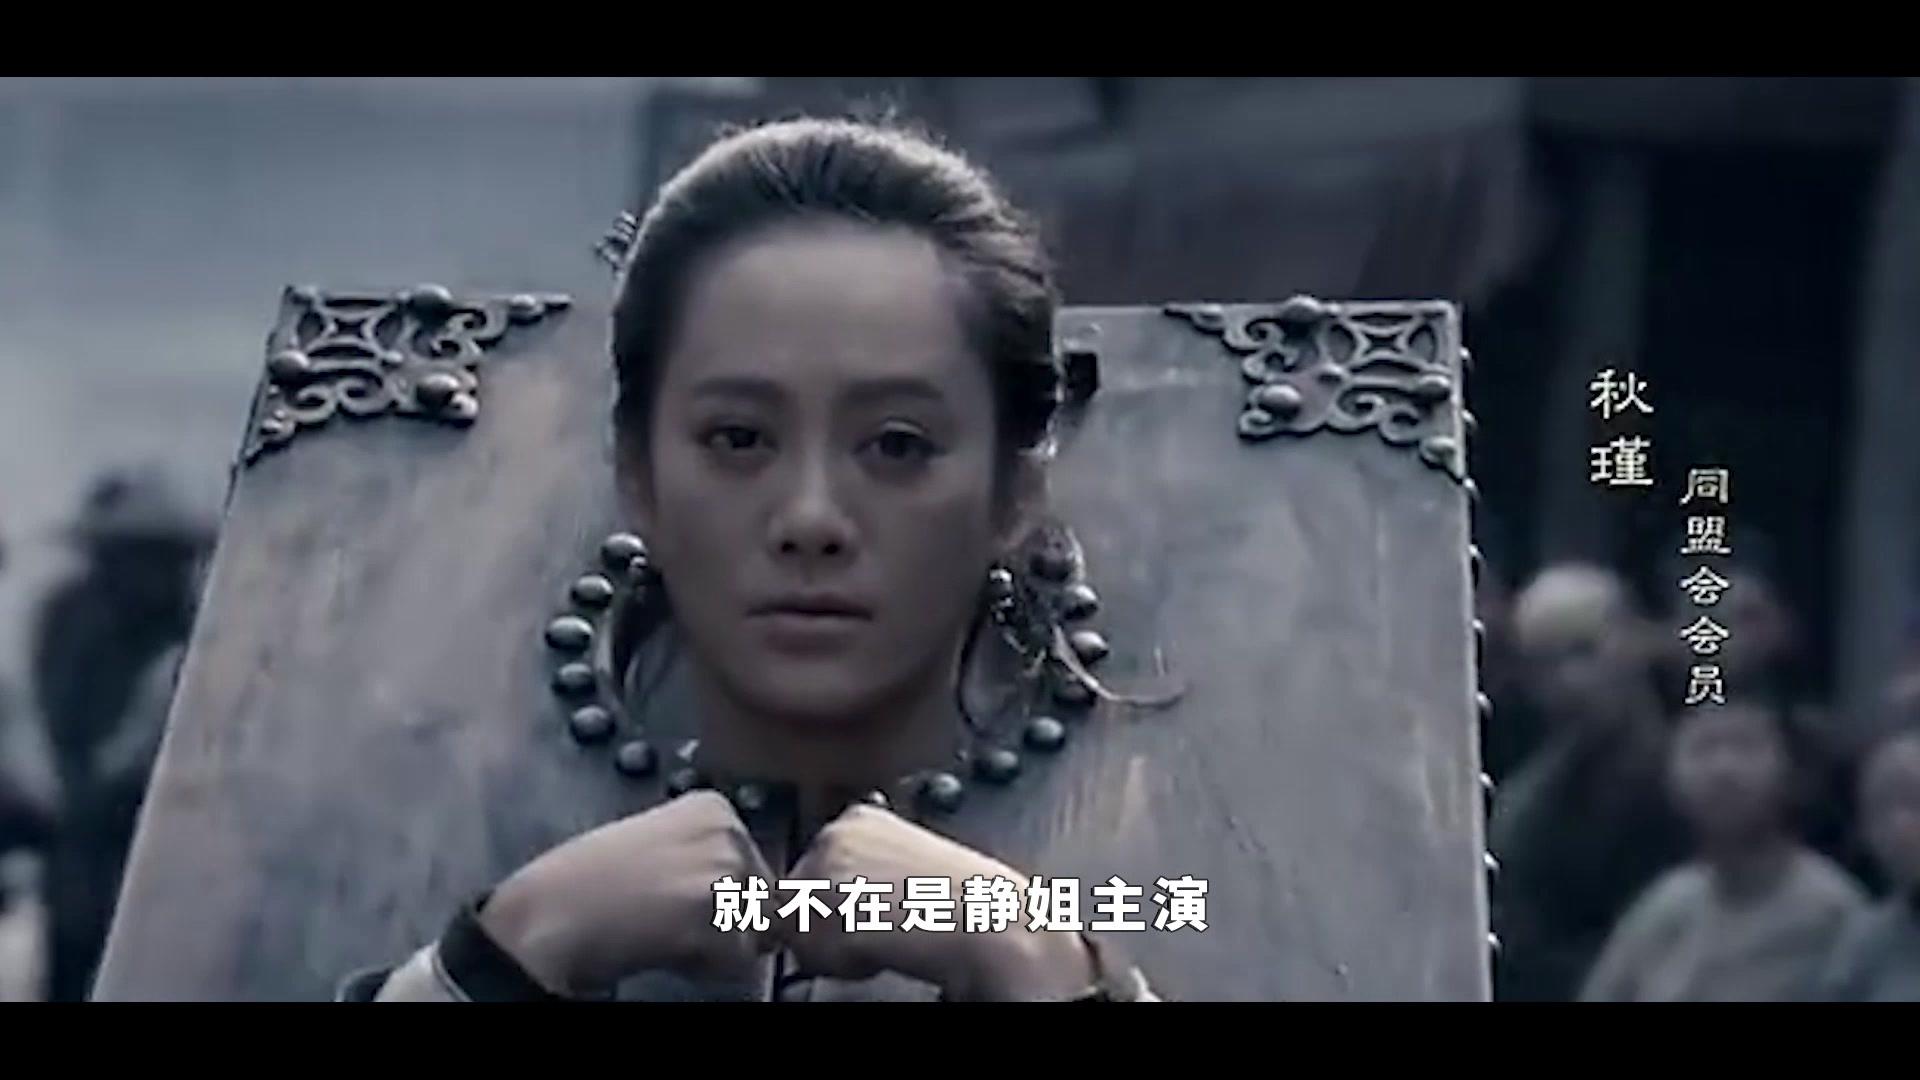 #电影迷的修养#宁静电影回顾,《阳光灿烂的日子》里扮相清纯封神之作